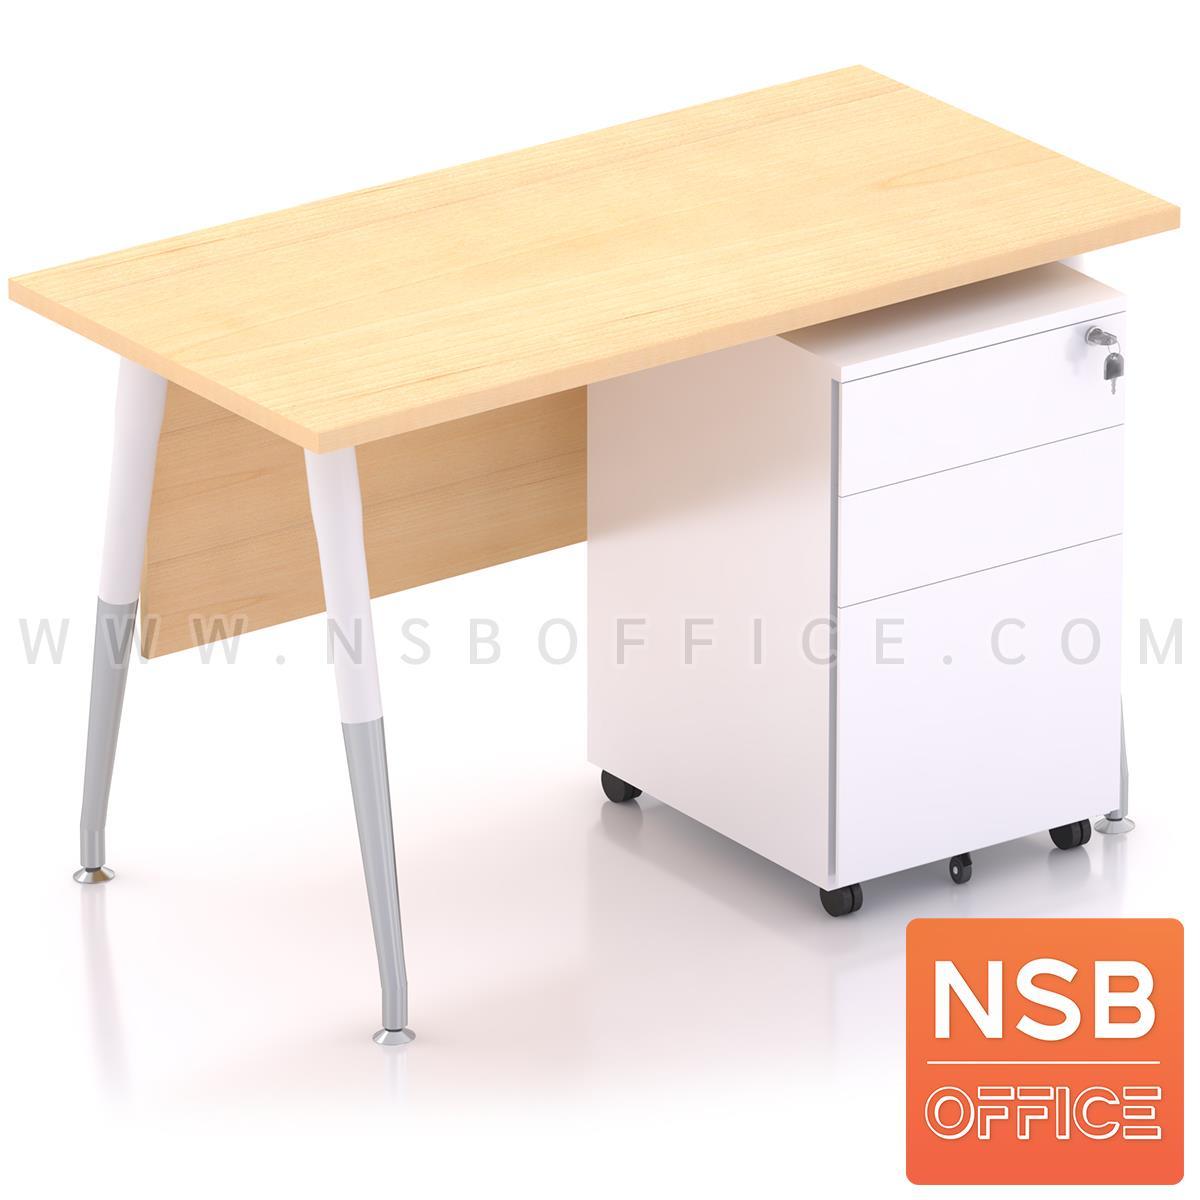 โต๊ะทำงานพร้อมลิ้นชักเหล็กล้อเลื่อน รุ่น Plantnery 2 (แพลนเนอรี่ 2) ขนาด 120W cm. มีบังตา ขาเหล็ก